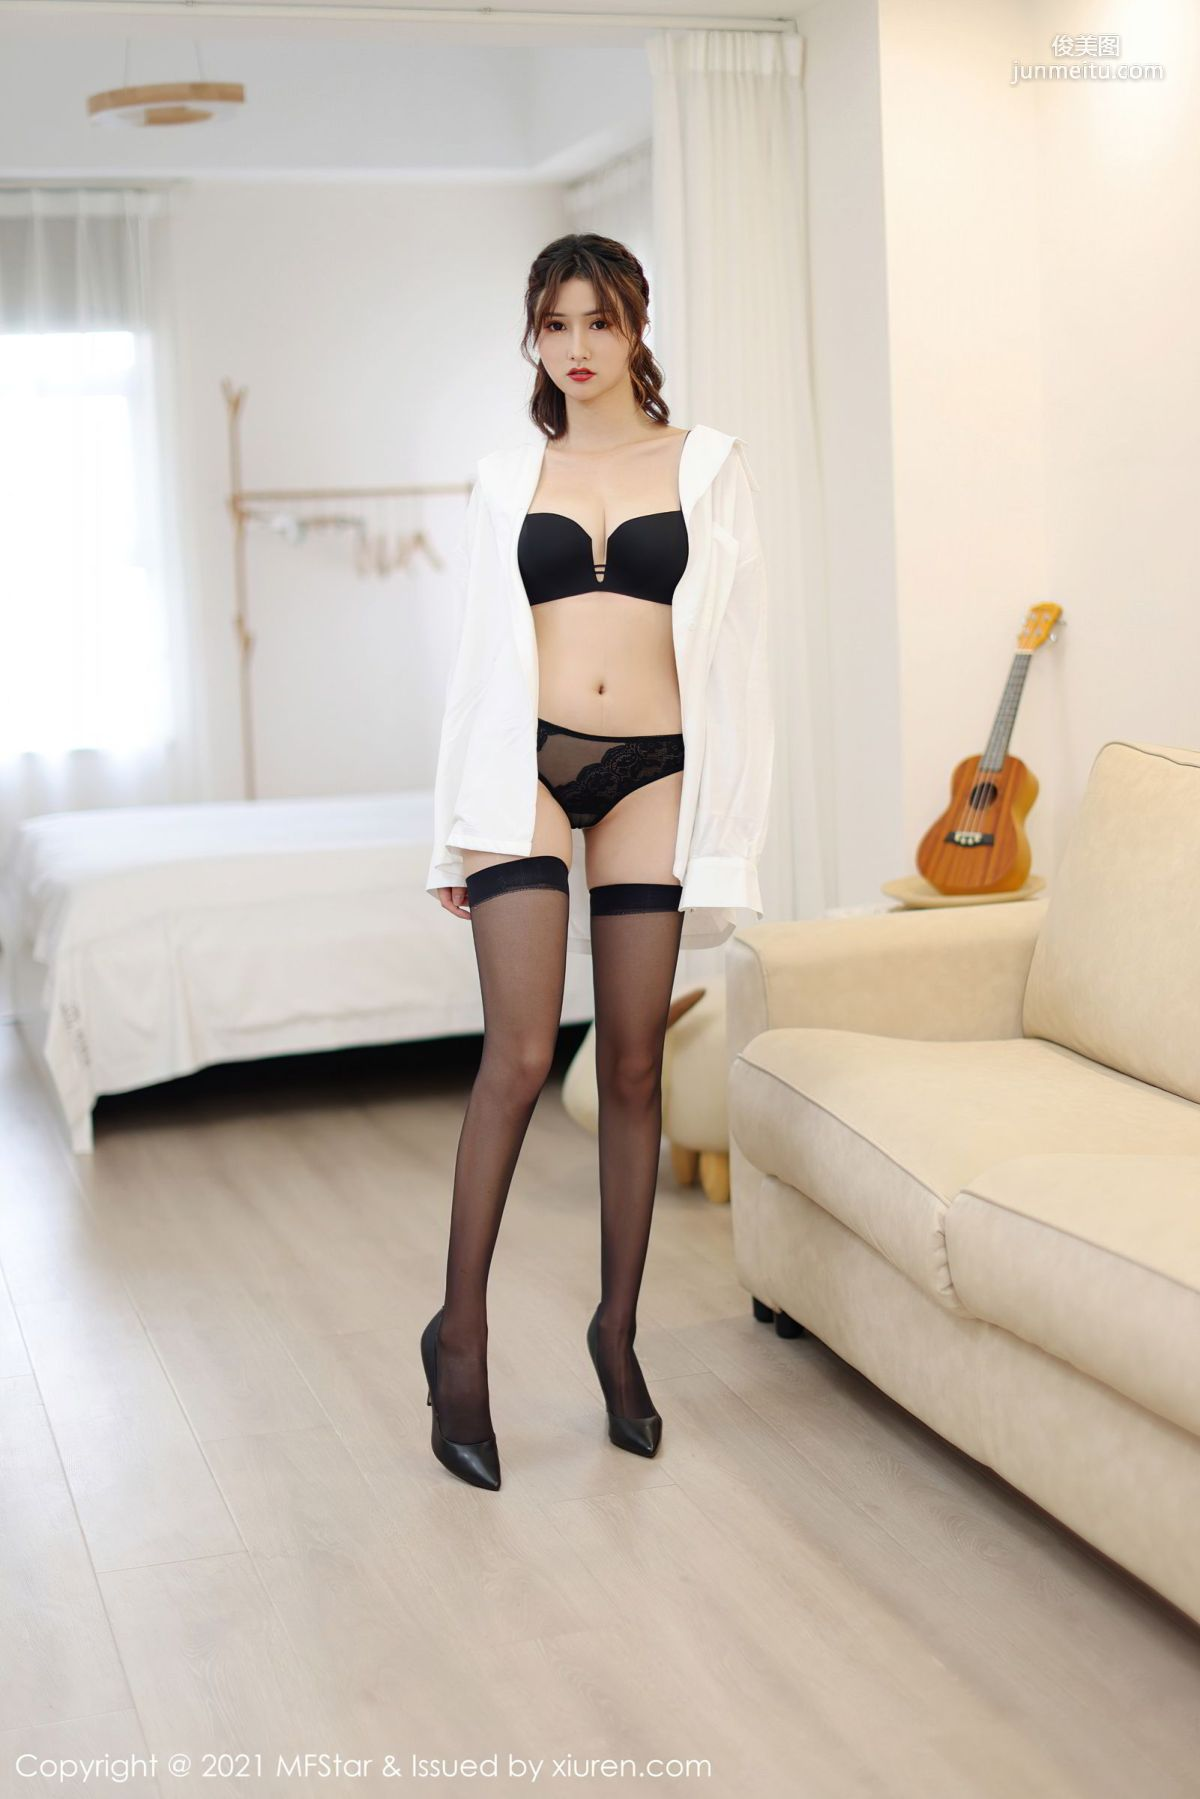 新人模特墨韩 白衬衫黑丝袜